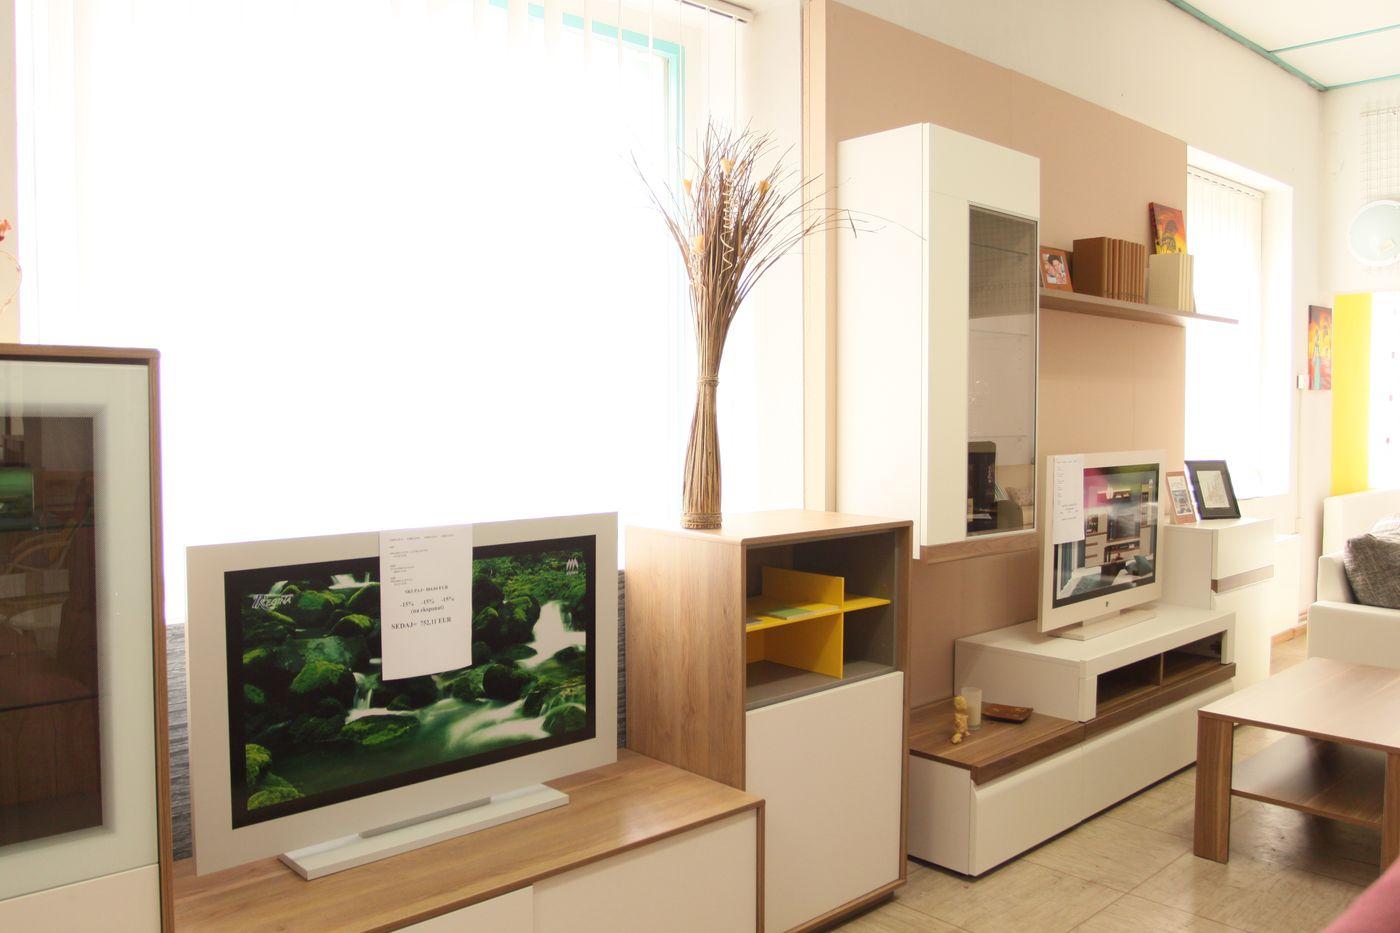 galerija-mobilije-13